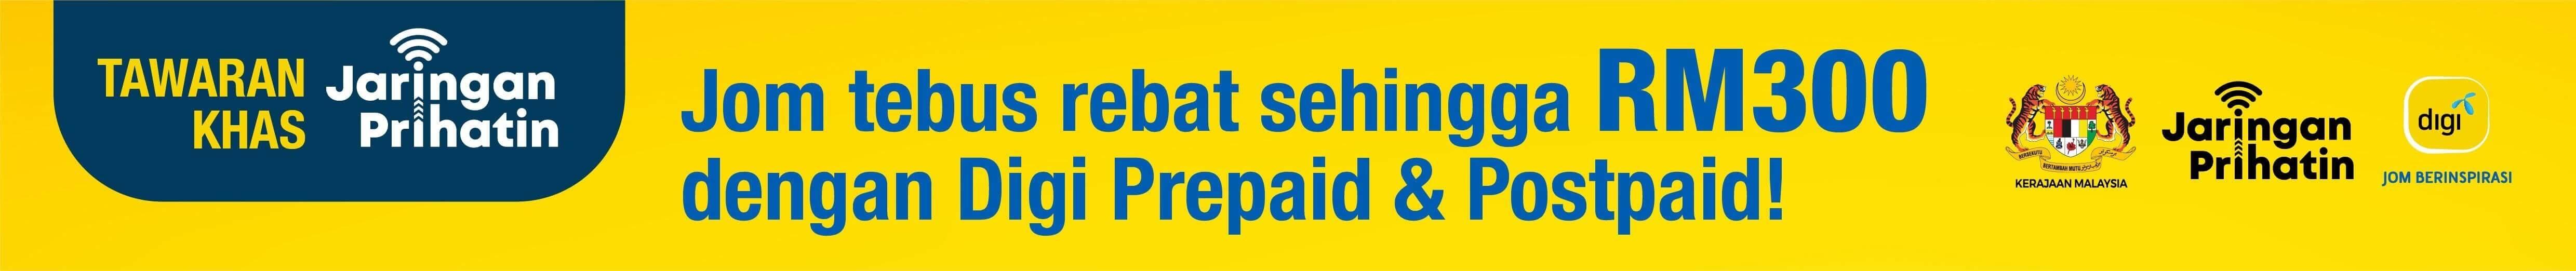 Jom tebus rebat sehingga RM300 dengan Digi prepaid & Postpaid